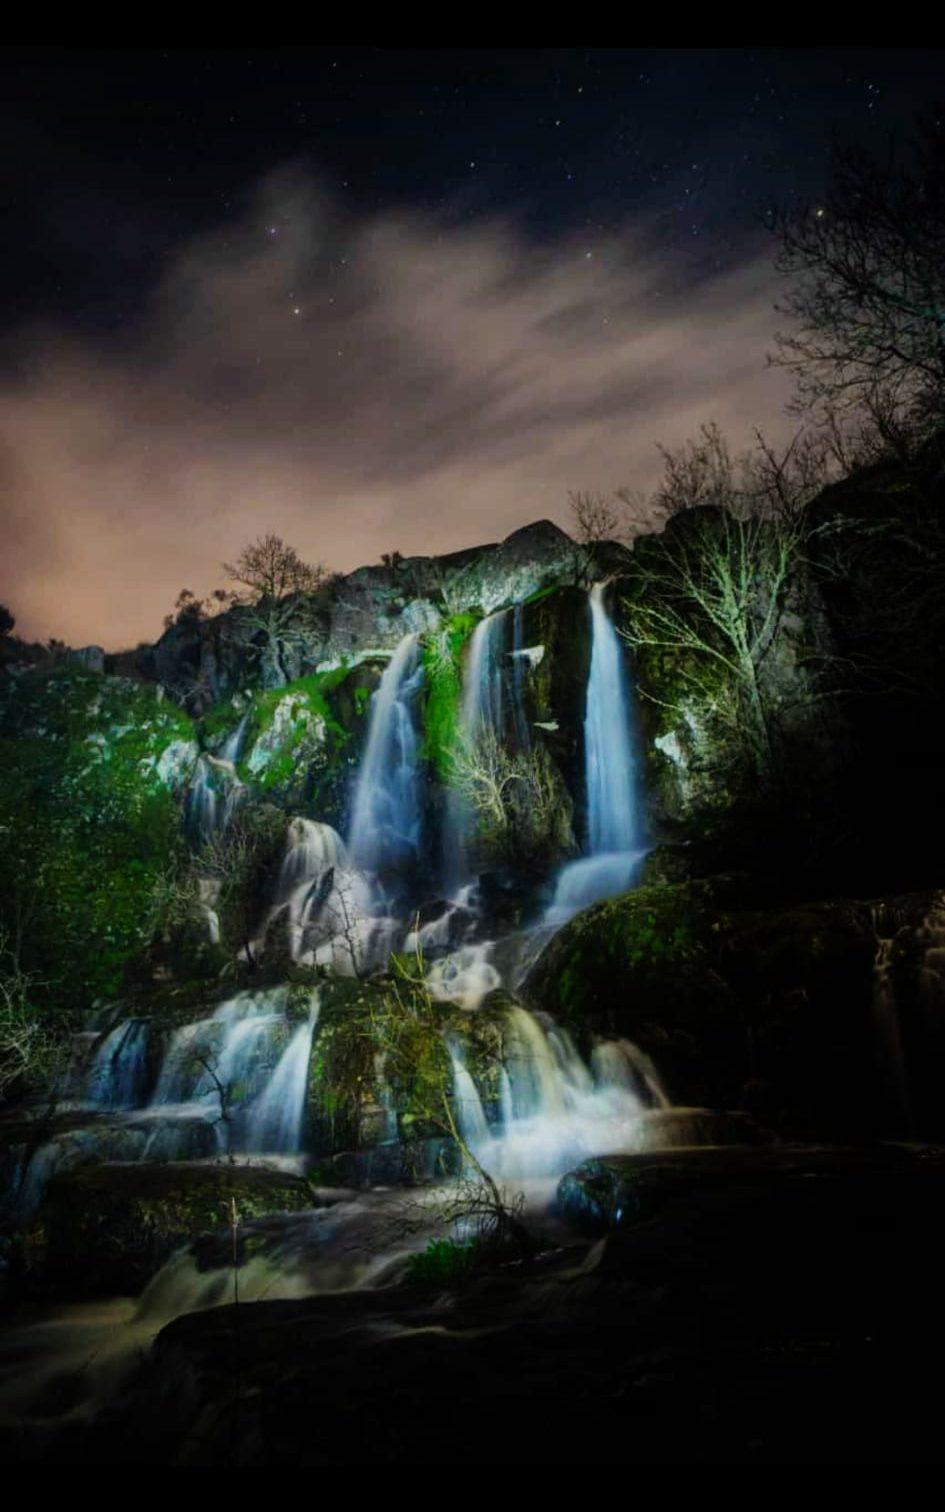 foto nocturna de la cascada de abelón en sayago (Zamora)